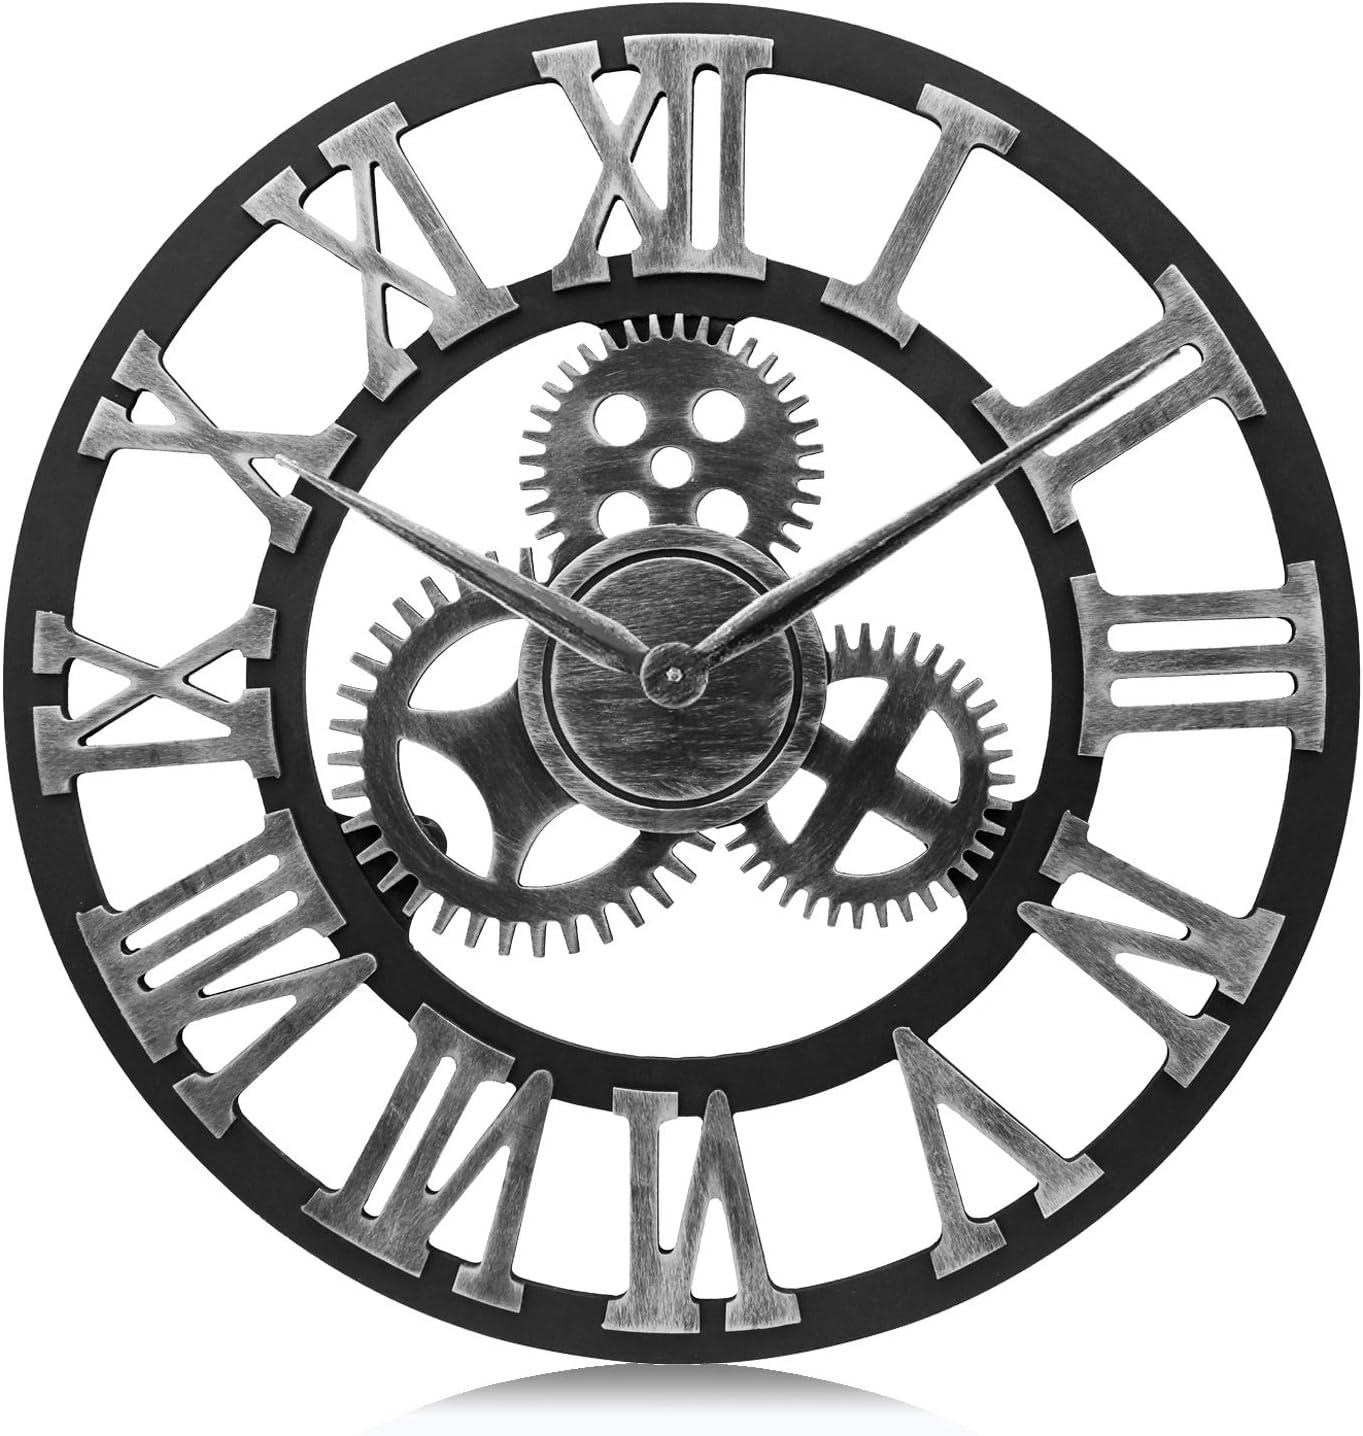 Lafocuse Reloj de Pared Grande Engranajes Retro Madera Reloj de Cuarzo Plata Industrial Creativo Silencioso Números Romanos Salon Bar Restaurante 58cm